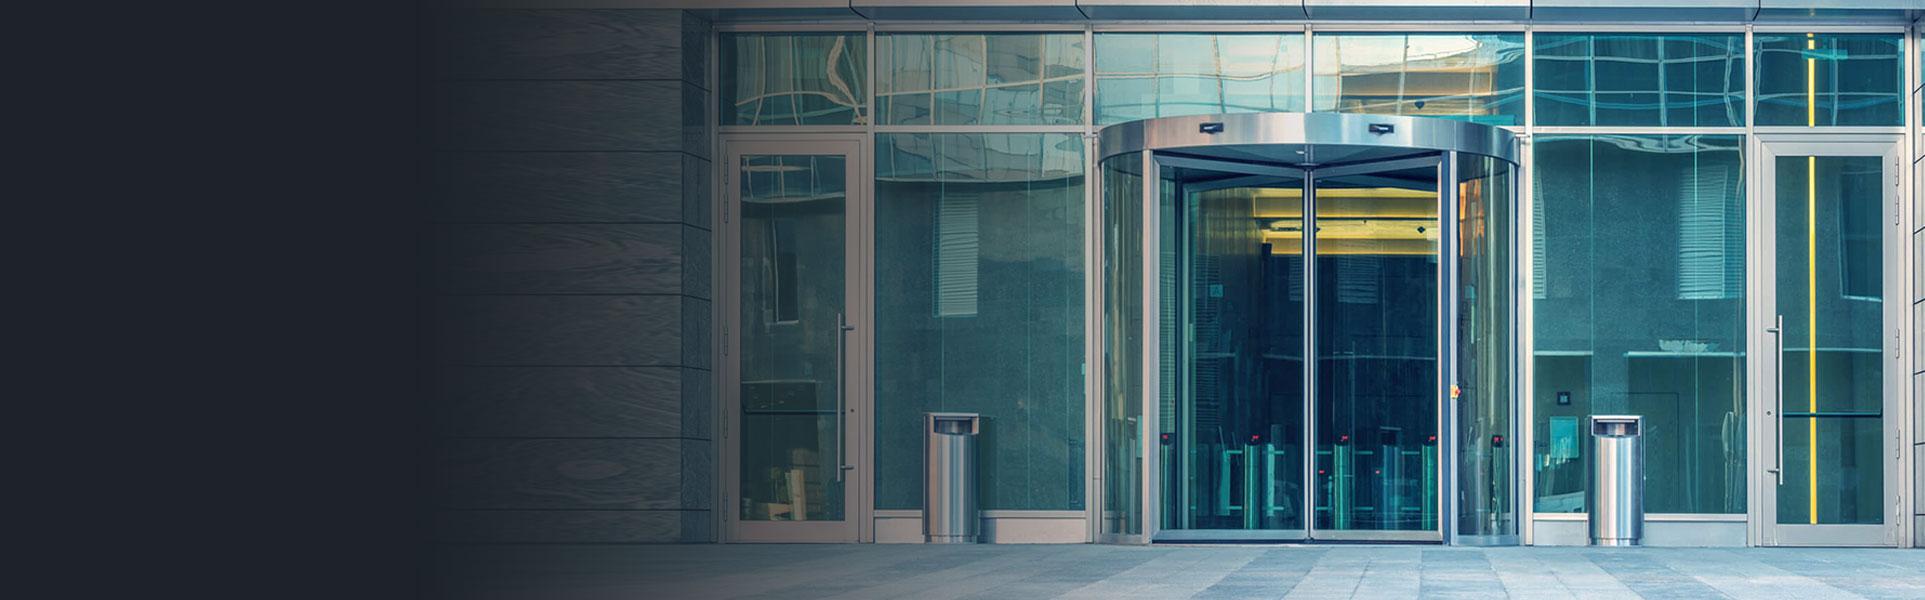 glass storefront door